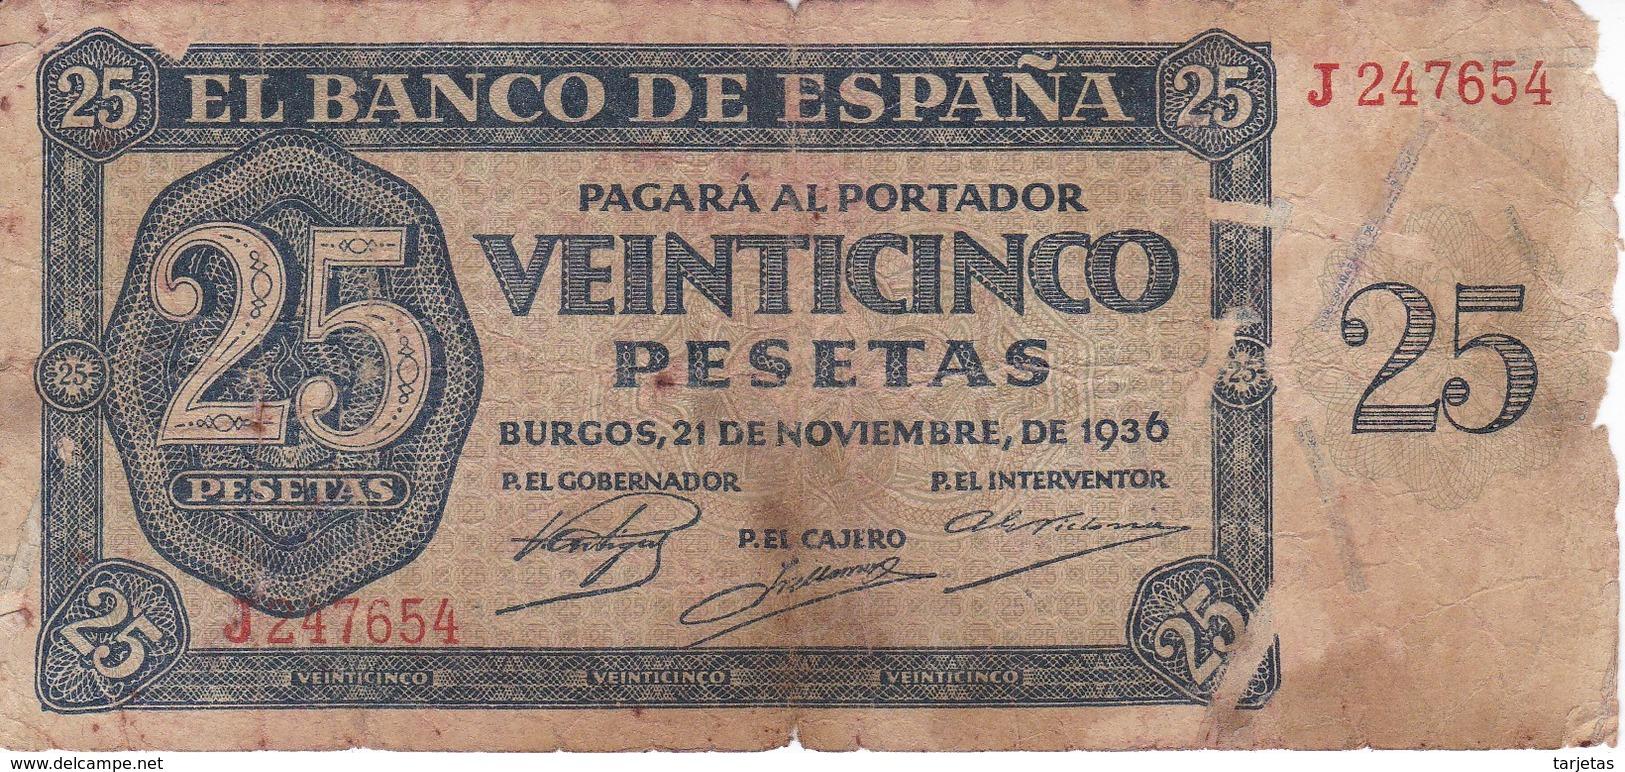 BILLETE DE ESPAÑA DE 25 PTAS DEL 21/11/1936 SERIE J CALIDAD  RC (BANKNOTE) - 25 Pesetas